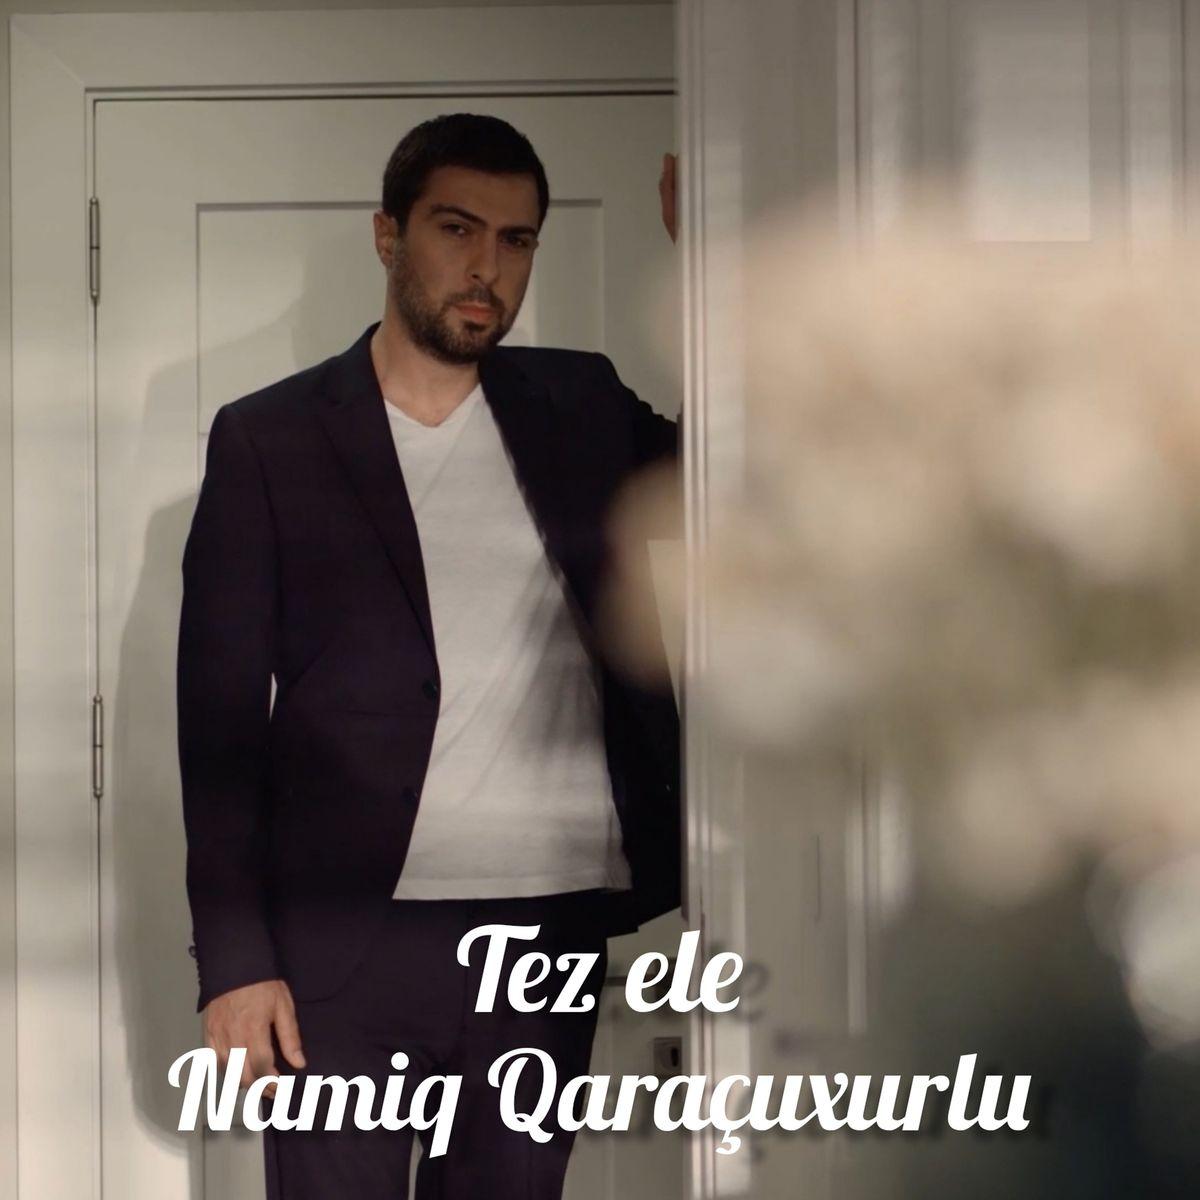 Namiq Qaraçuxurlu - Tez Ele